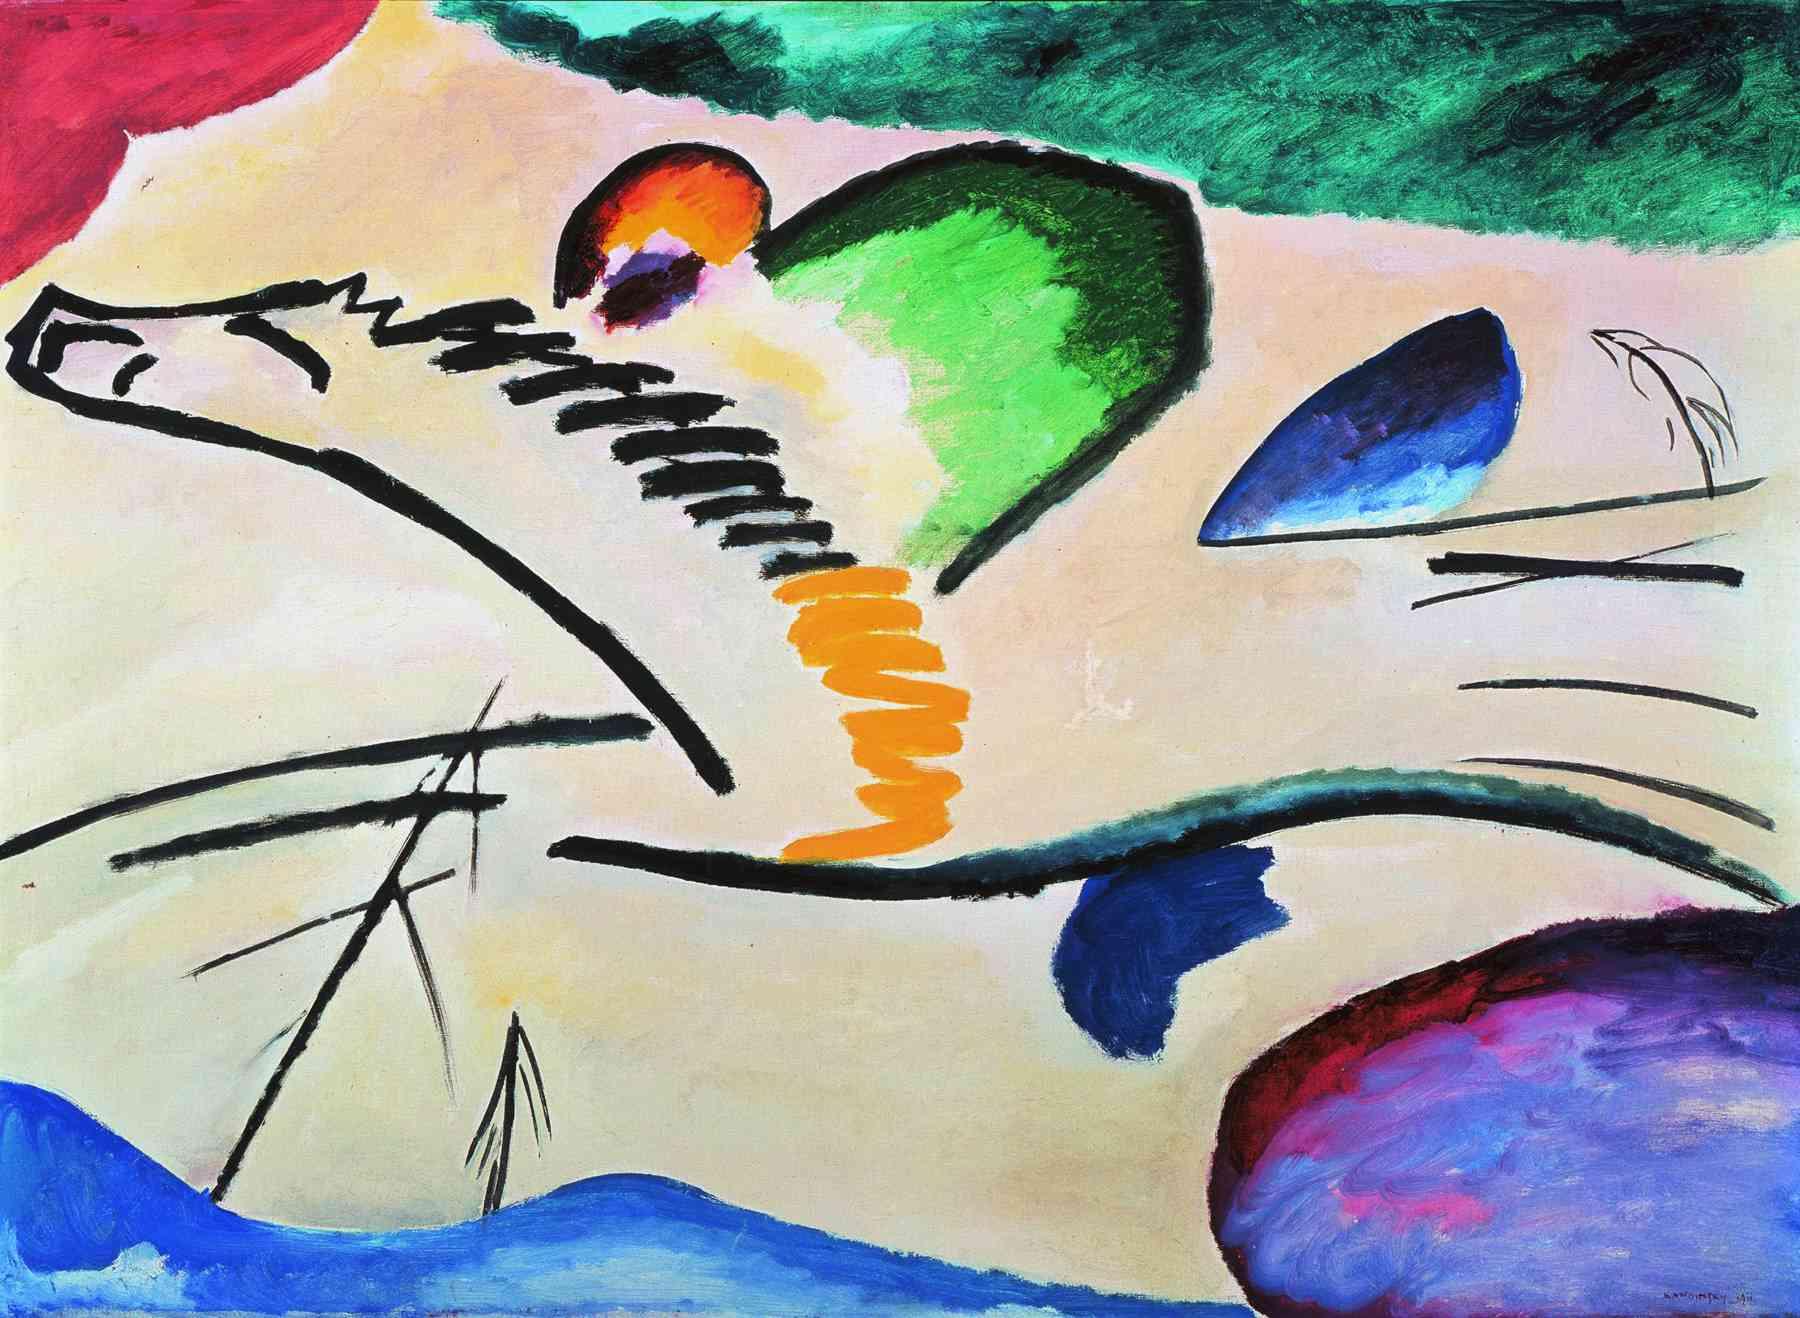 Wassily Kandinsky (Russian, 1866-1944) Wassily Kandinsky (Russian, 1866-1944). Lyrically (Lyrisches), 1911. Oil on canvas. 37 x 39 5/16 in. (94 x 100 cm). Boijmans Van Beuningen Museum, Rotterdam.